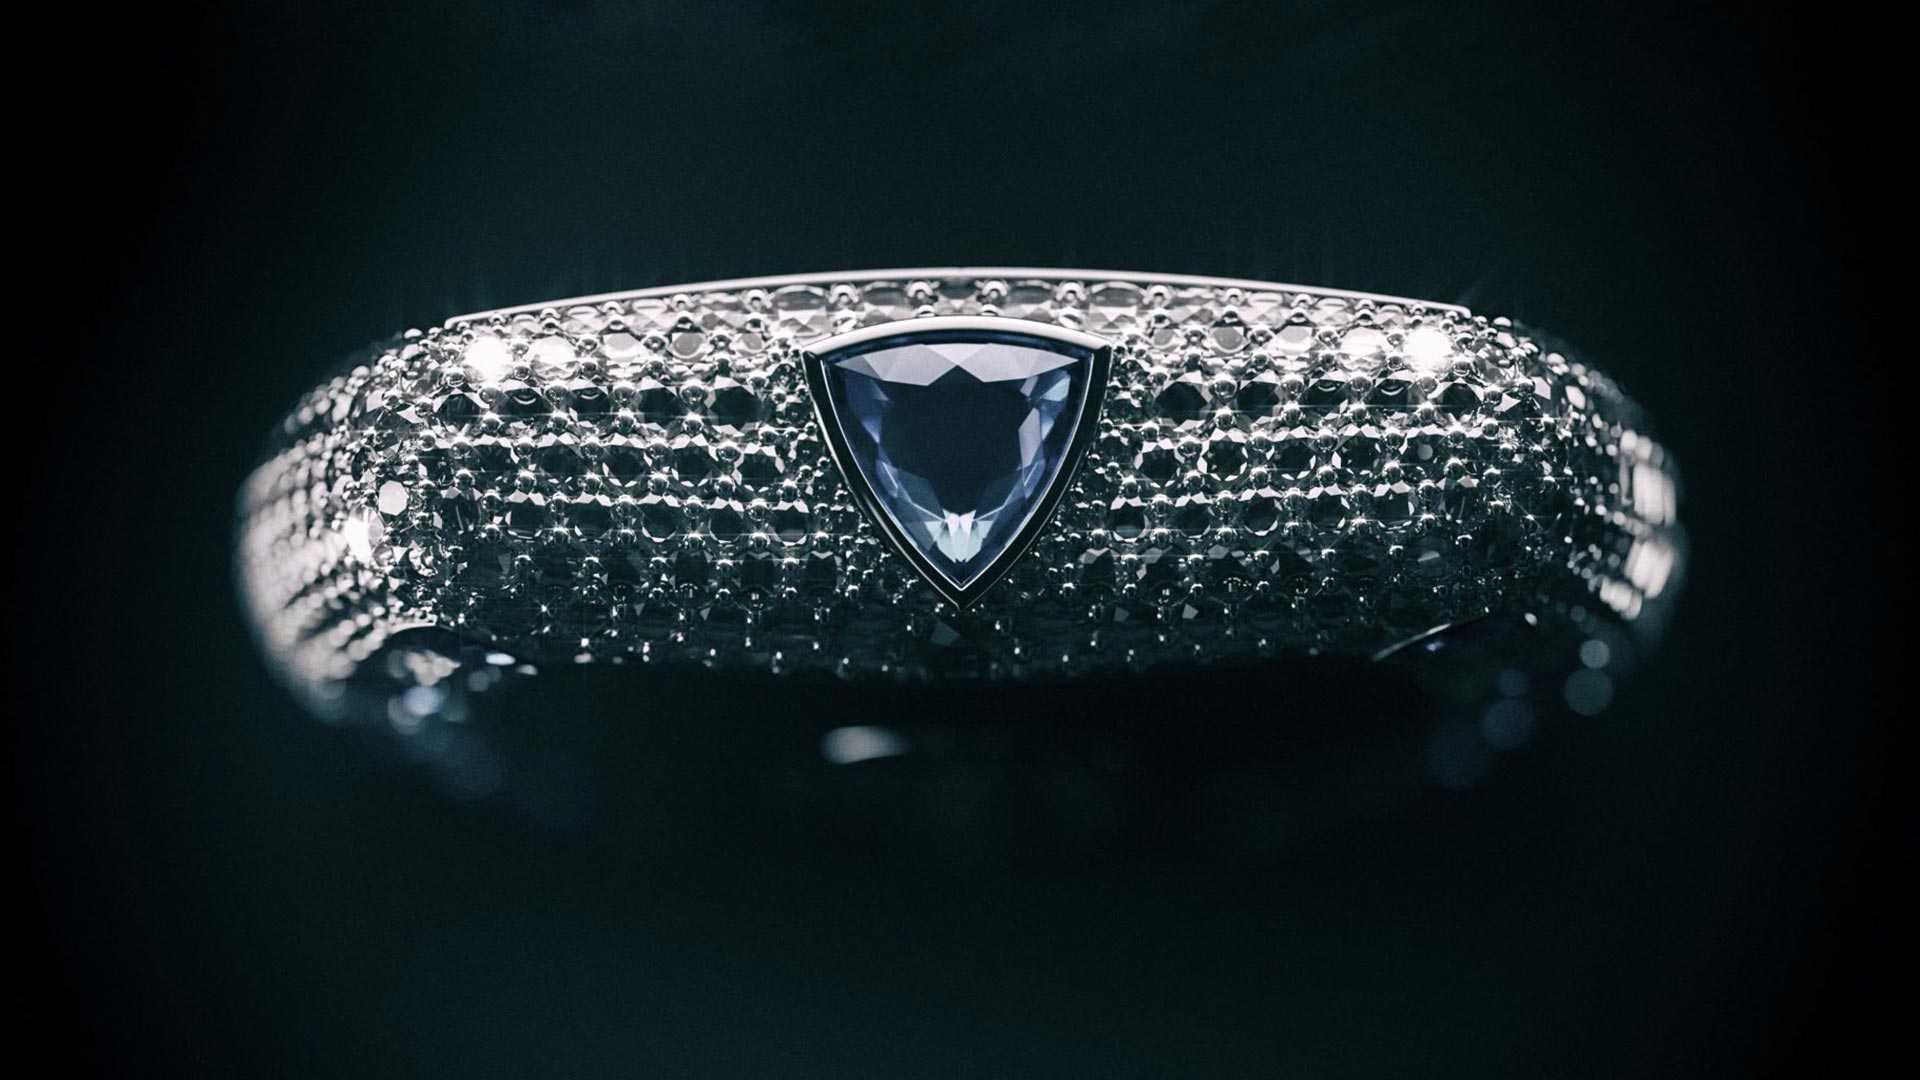 الماسهای سوئیچنما/ کلیدی که بیش از لامبورگینی قیمت دارد